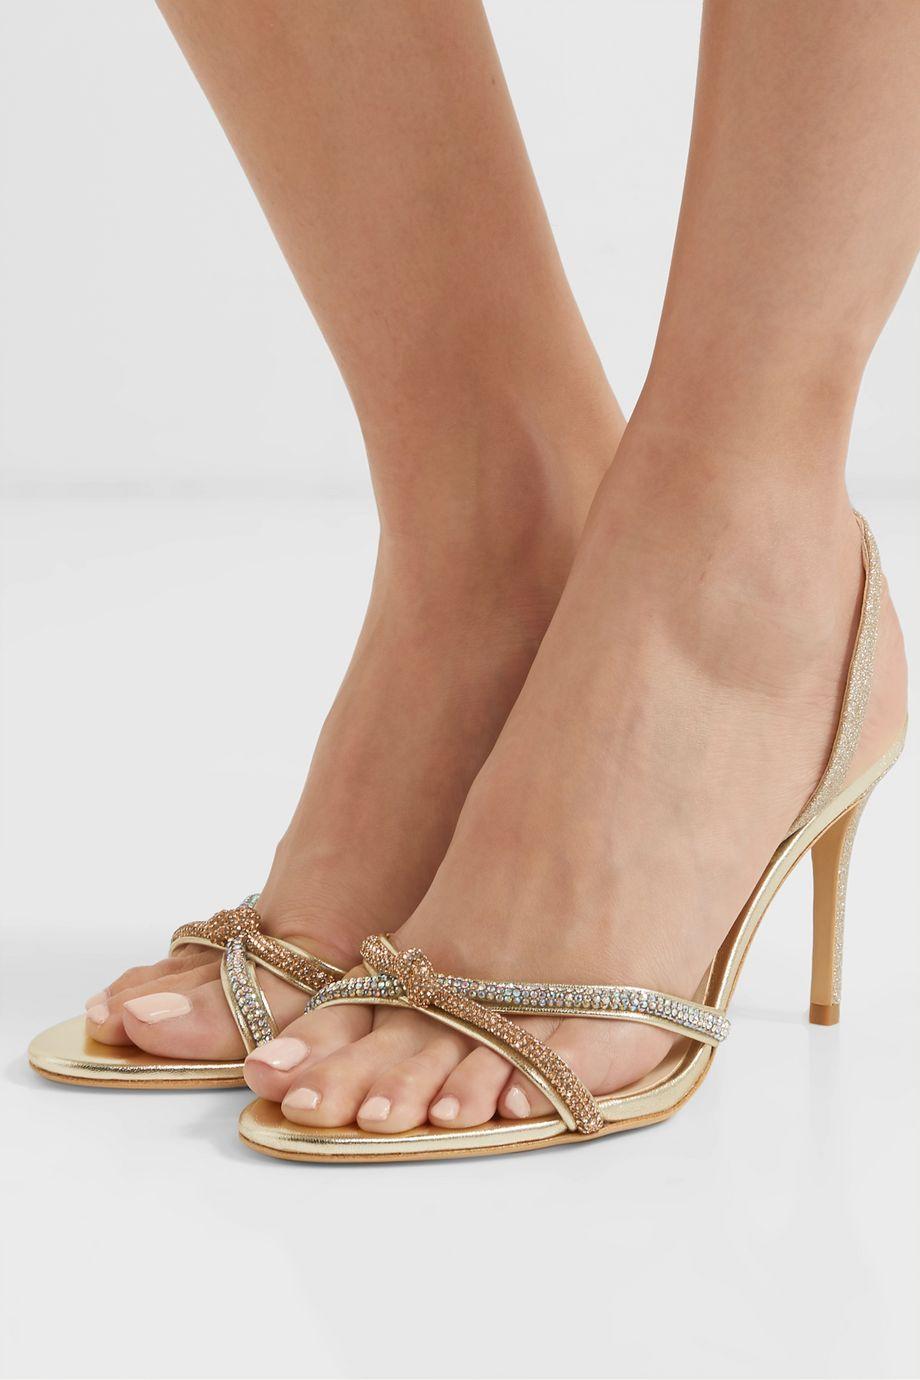 Sophia Webster Giovanna crystal-embellished glittered leather slingback sandals